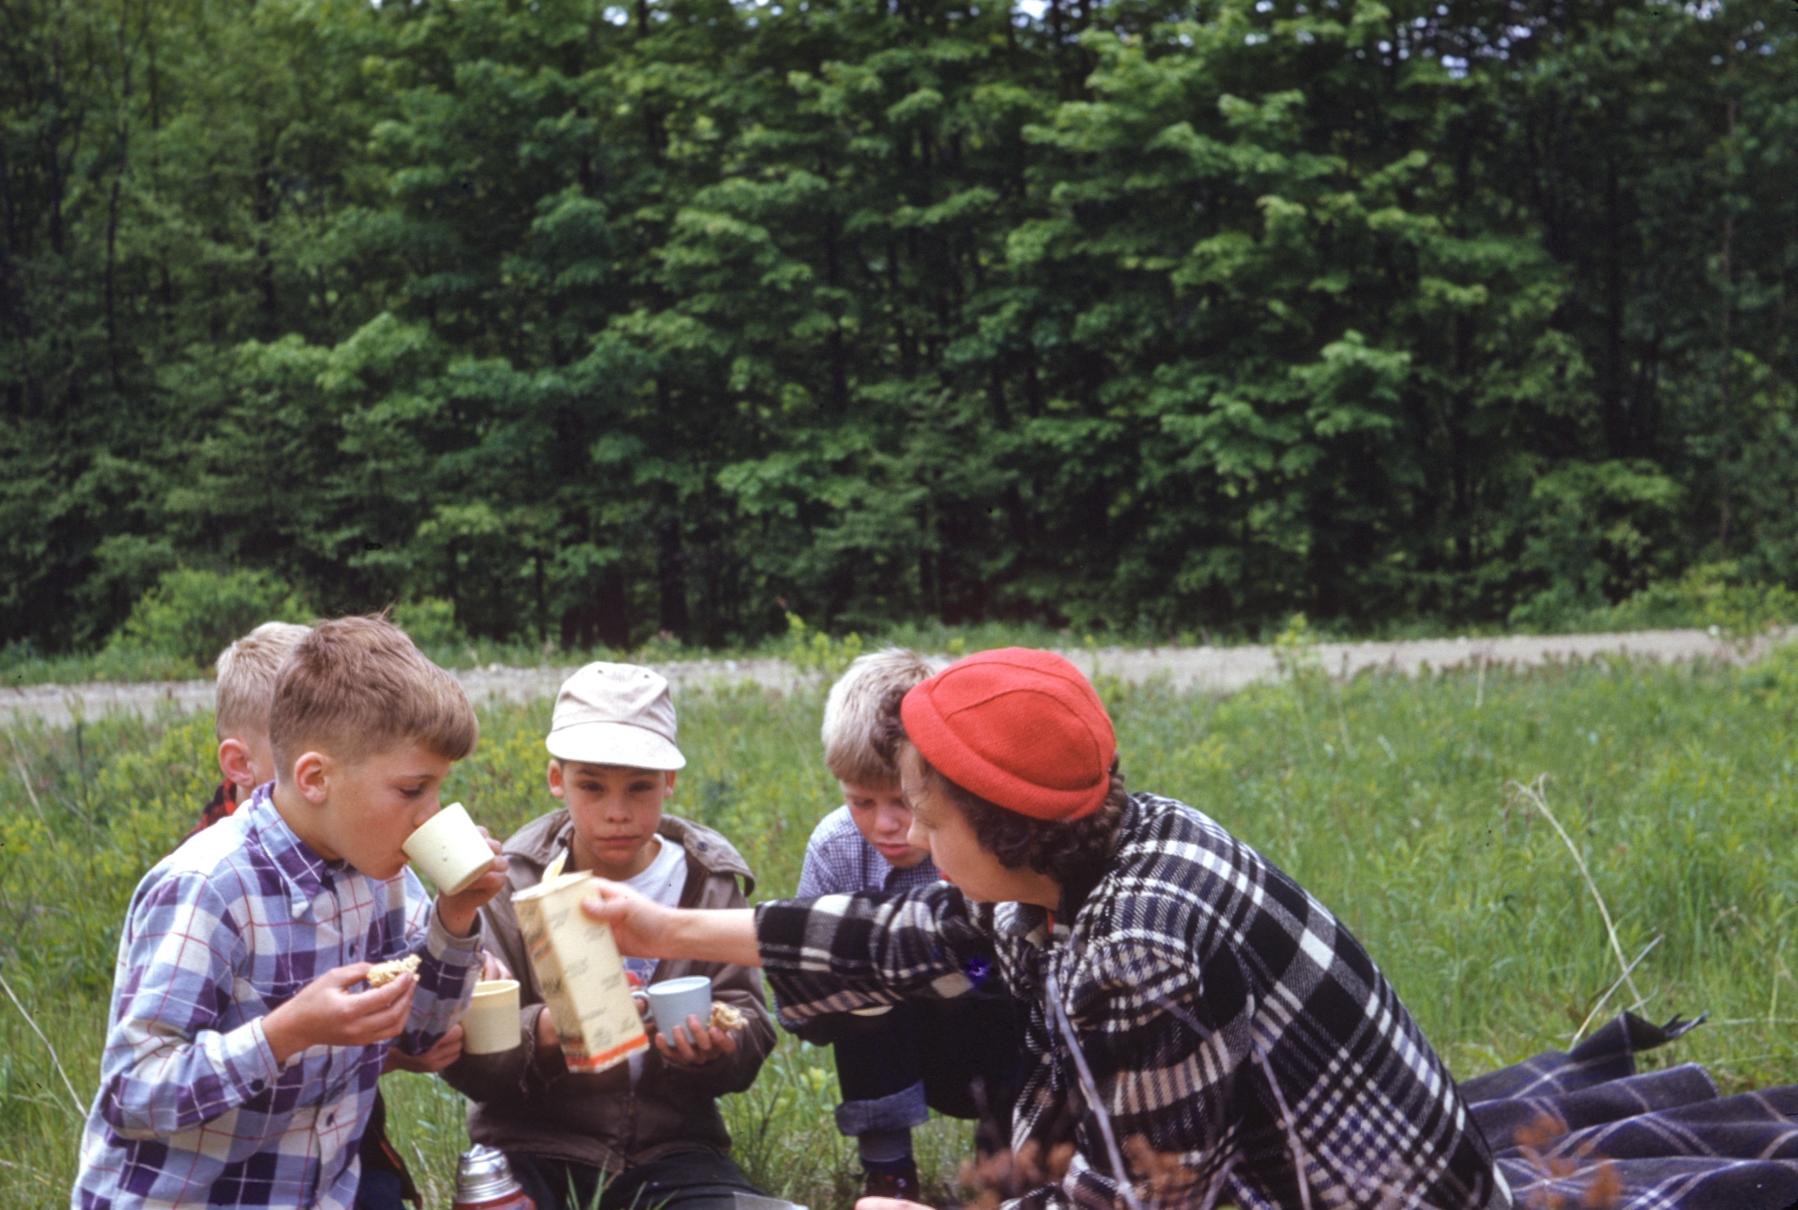 Mildred Orton picnics